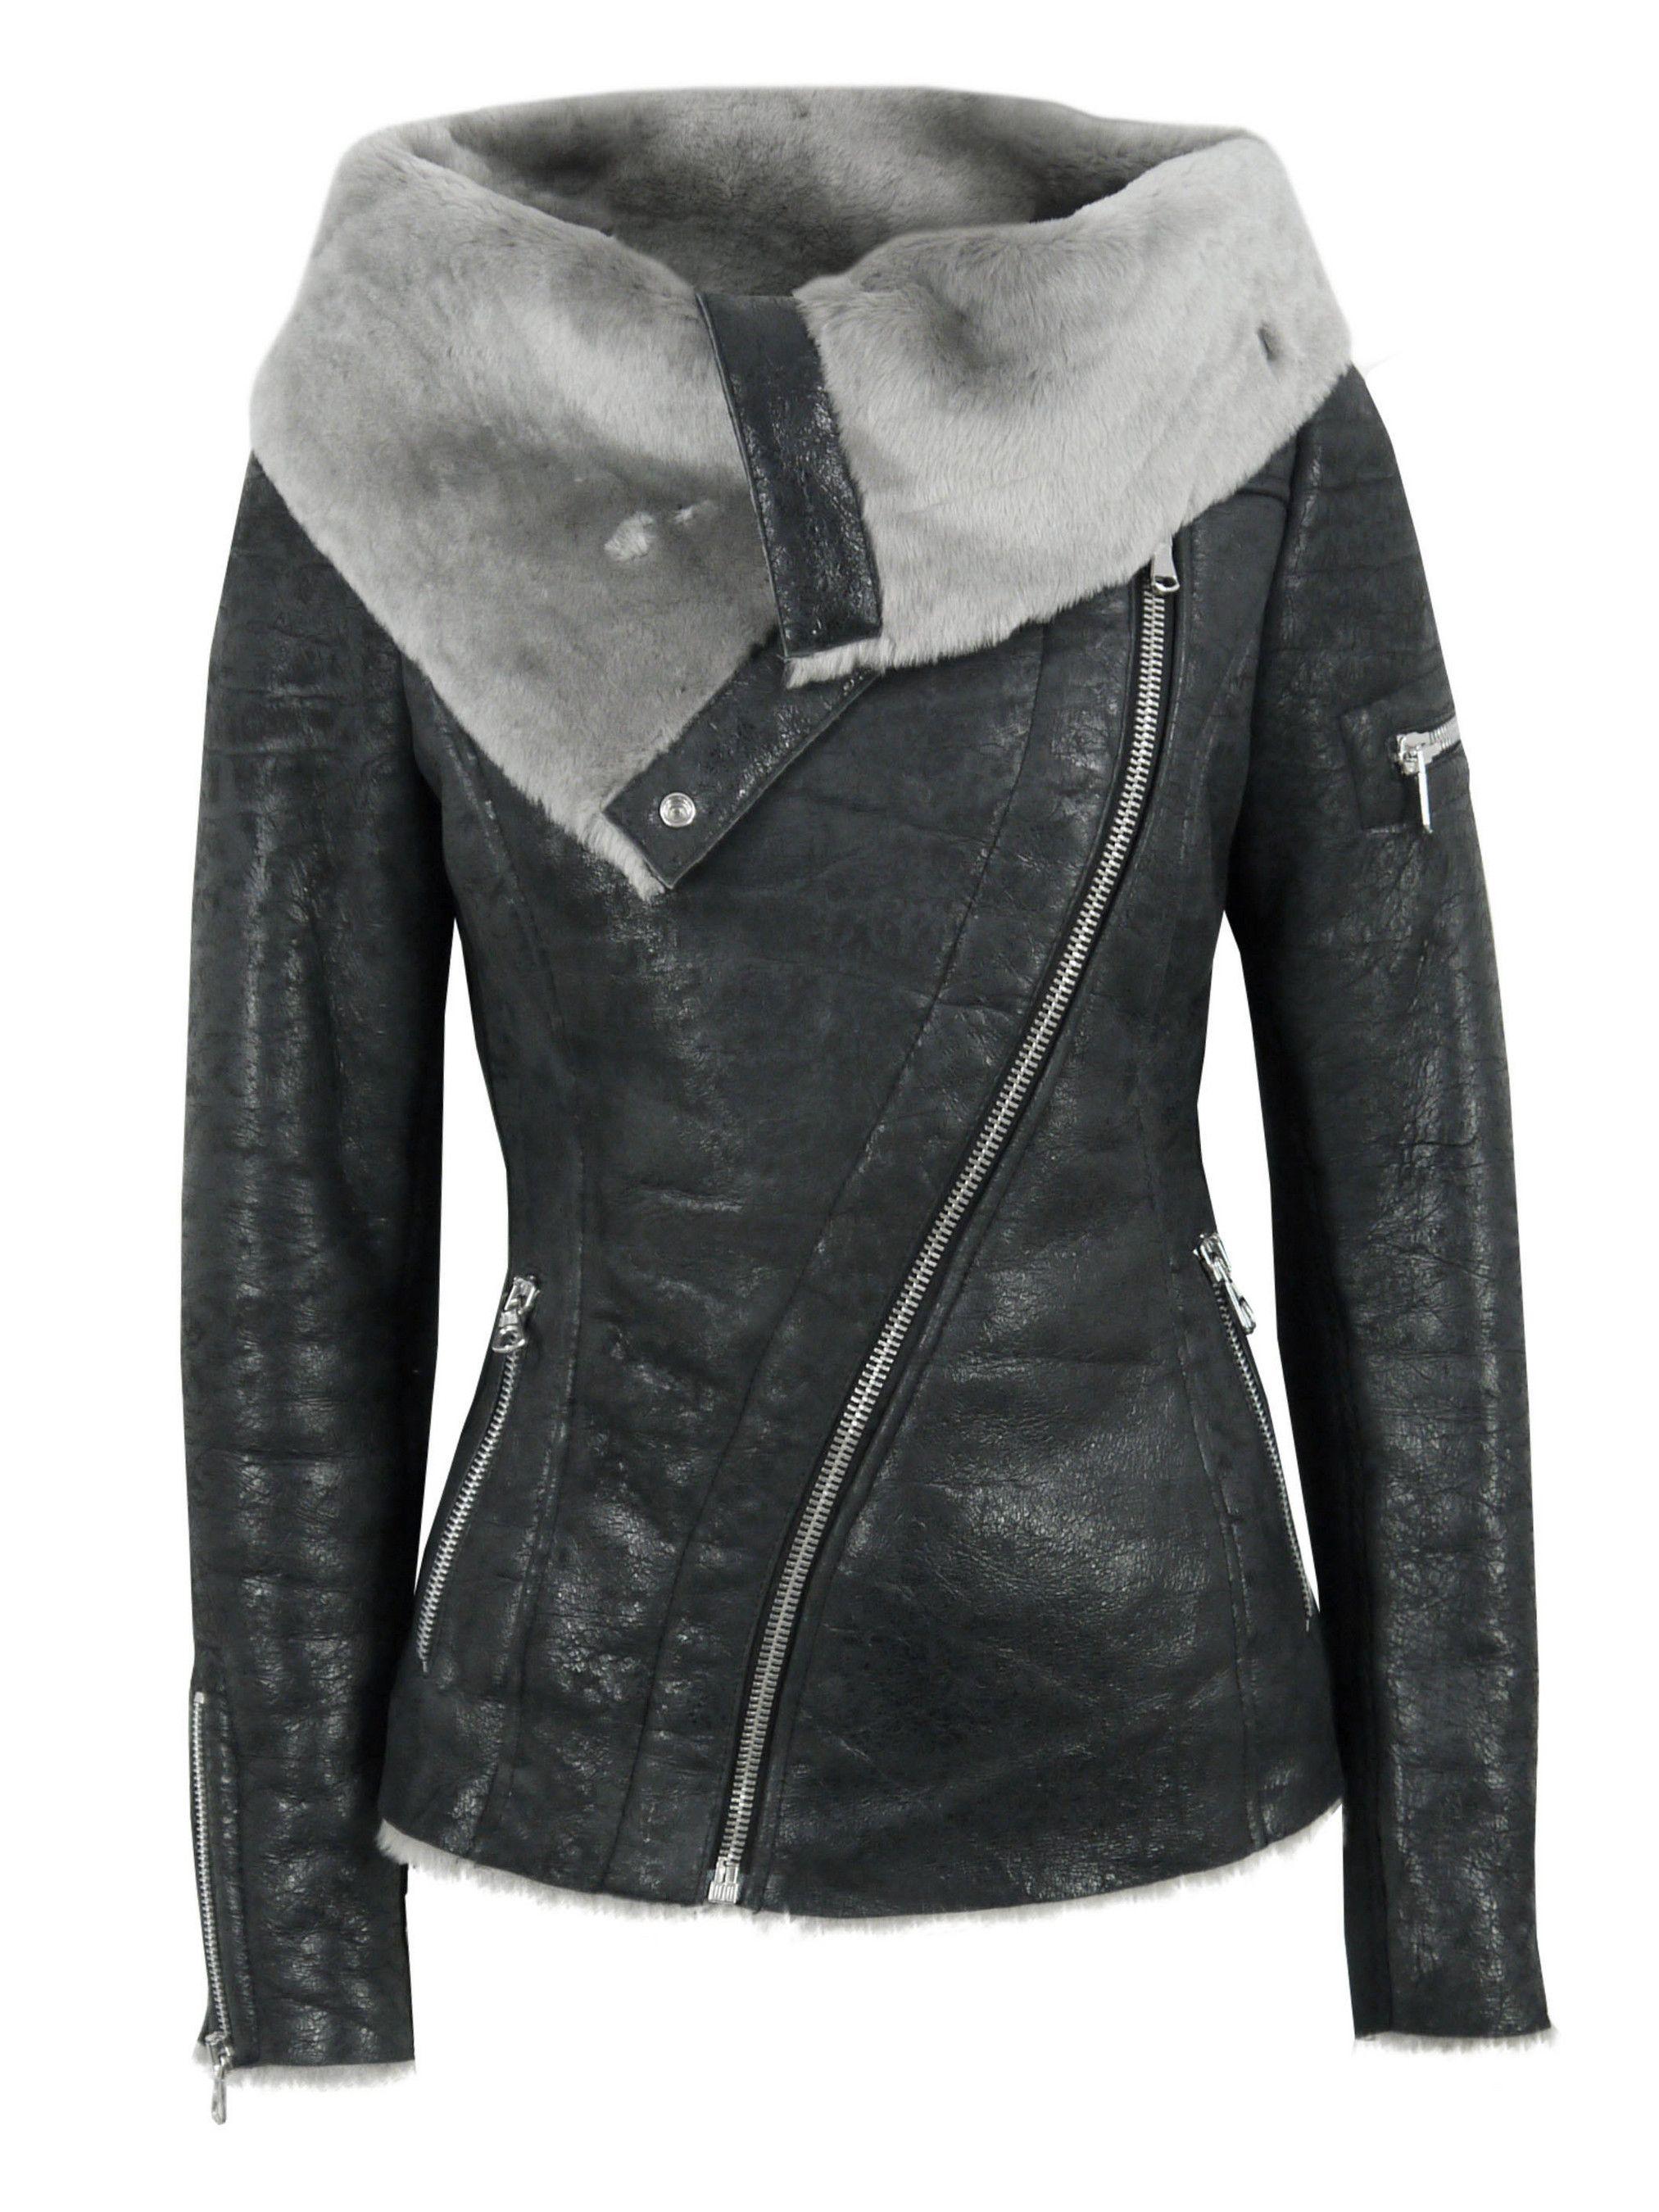 12671e22d136 Sale - Ash Arnelle Black Leather Biker Jacket at Coggles